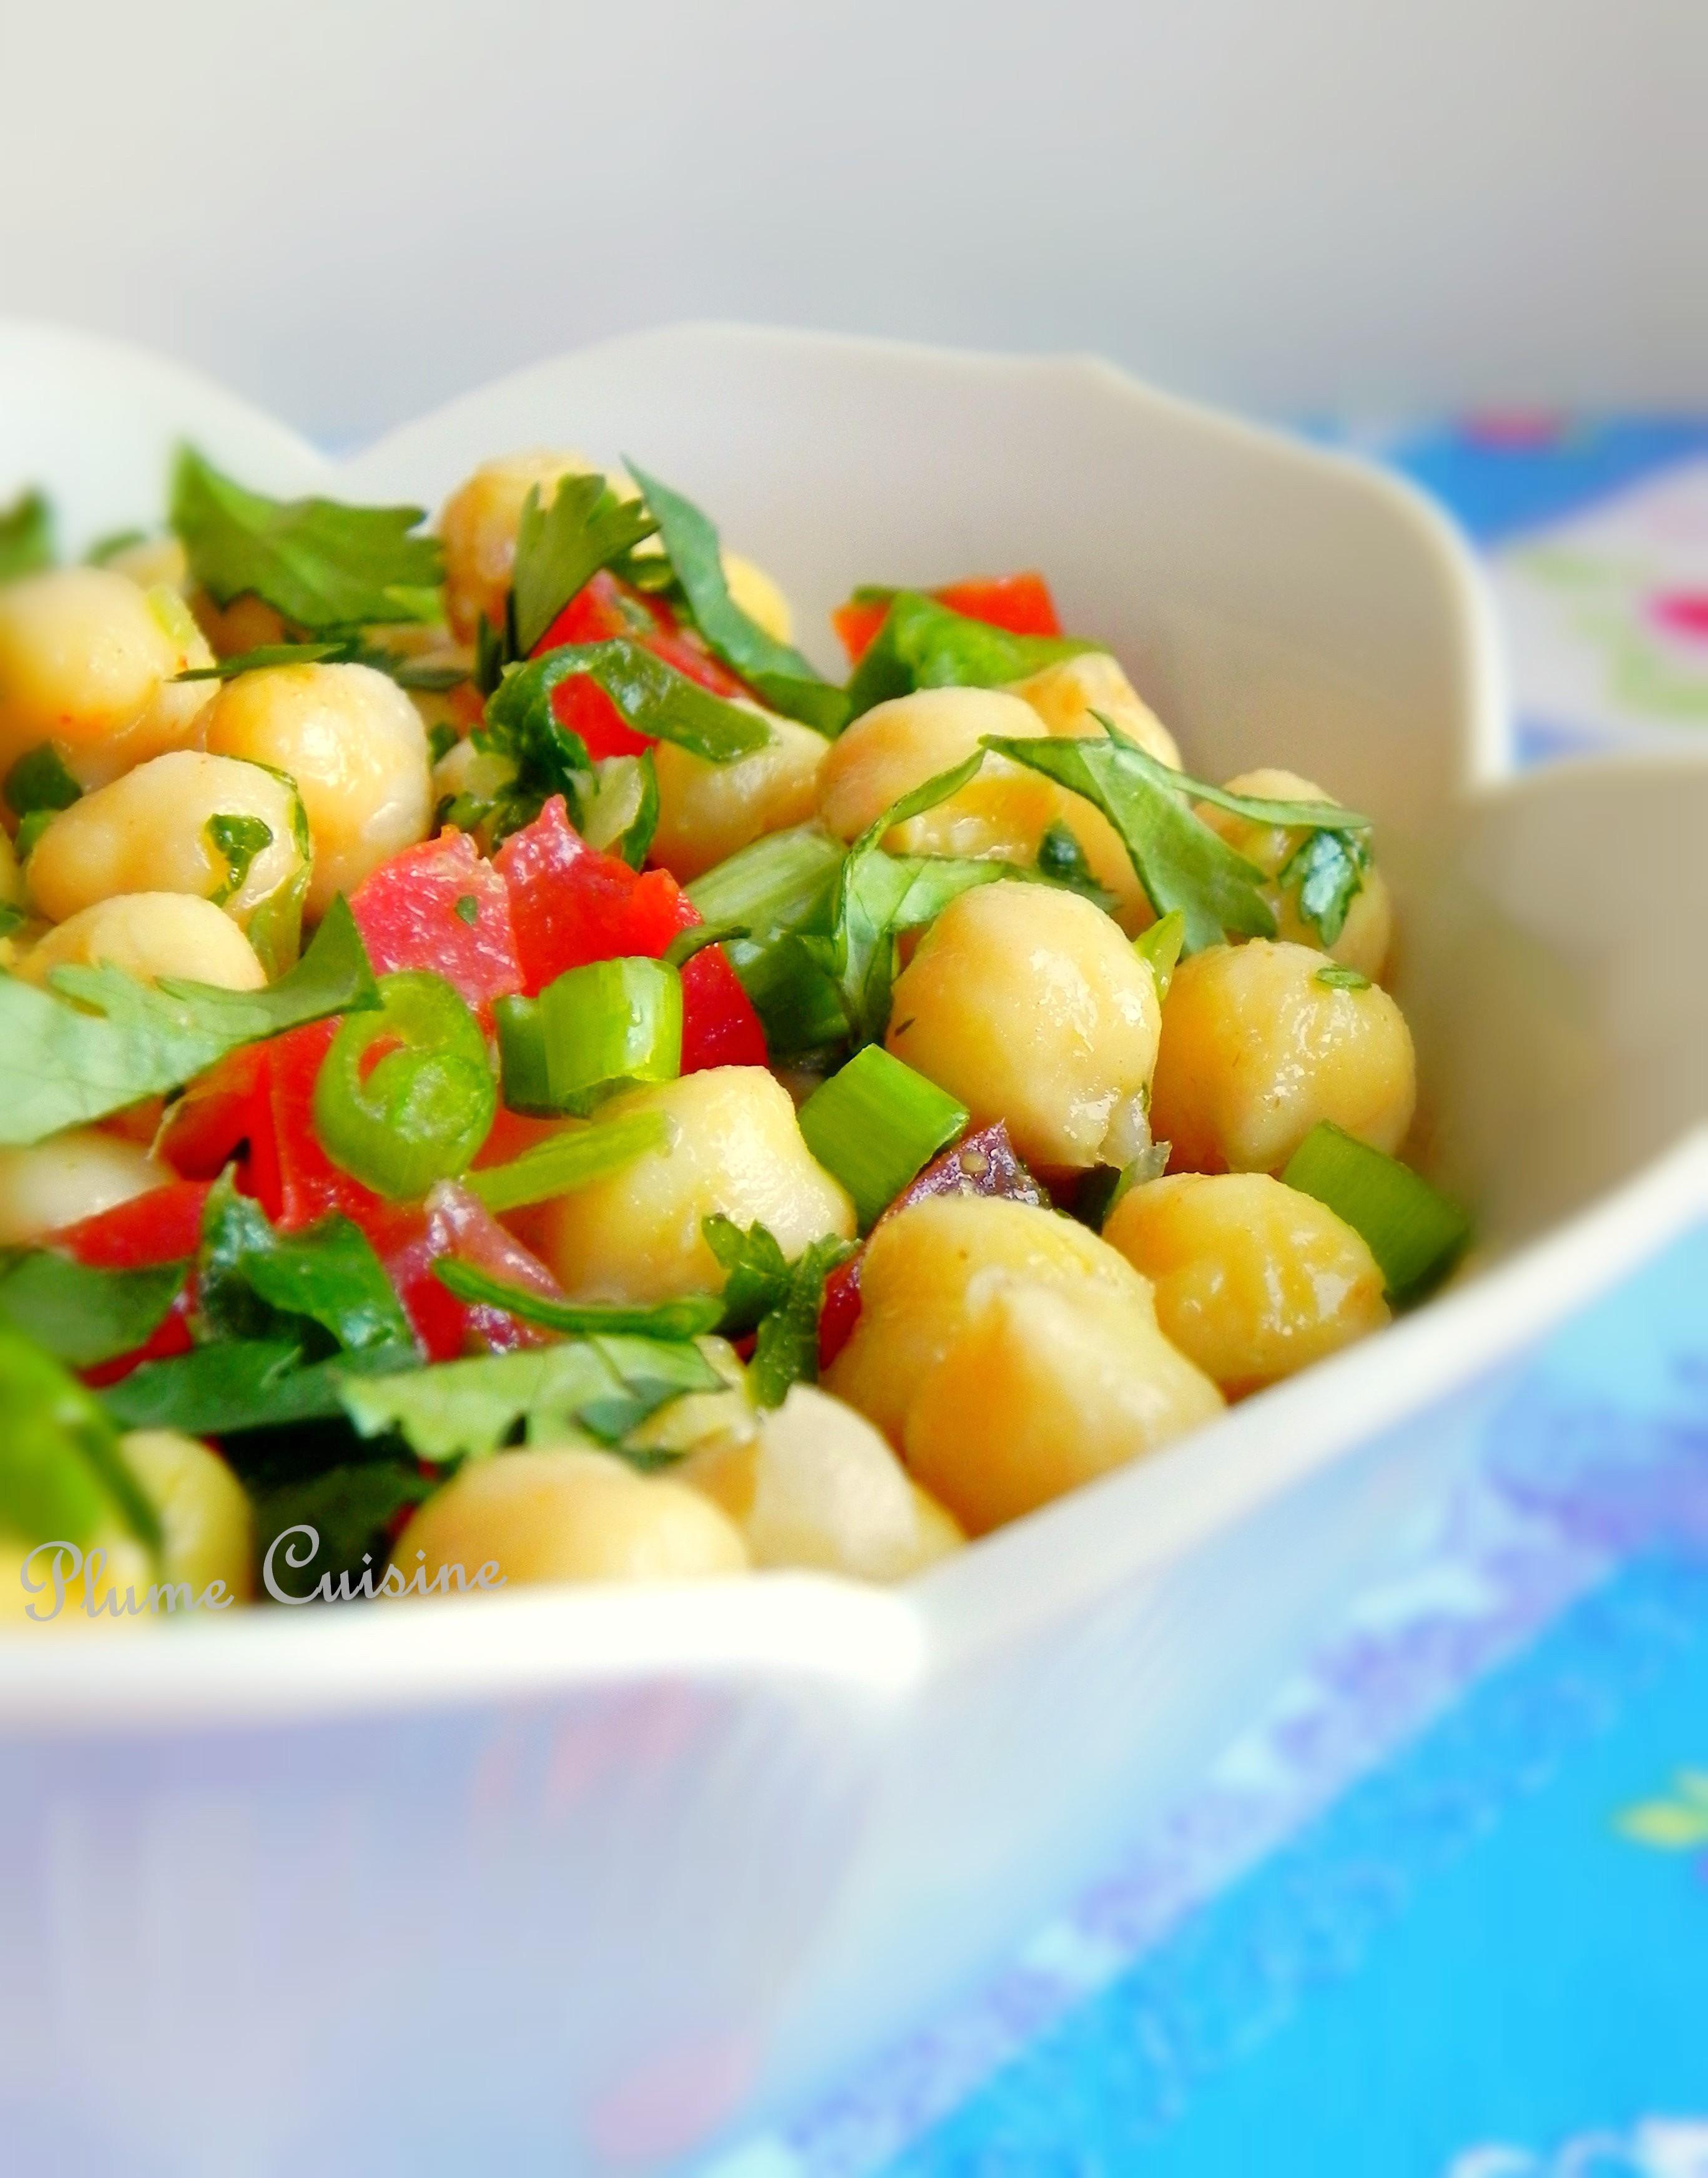 Salade indienne de pois chiches à la coriandre et au cumin